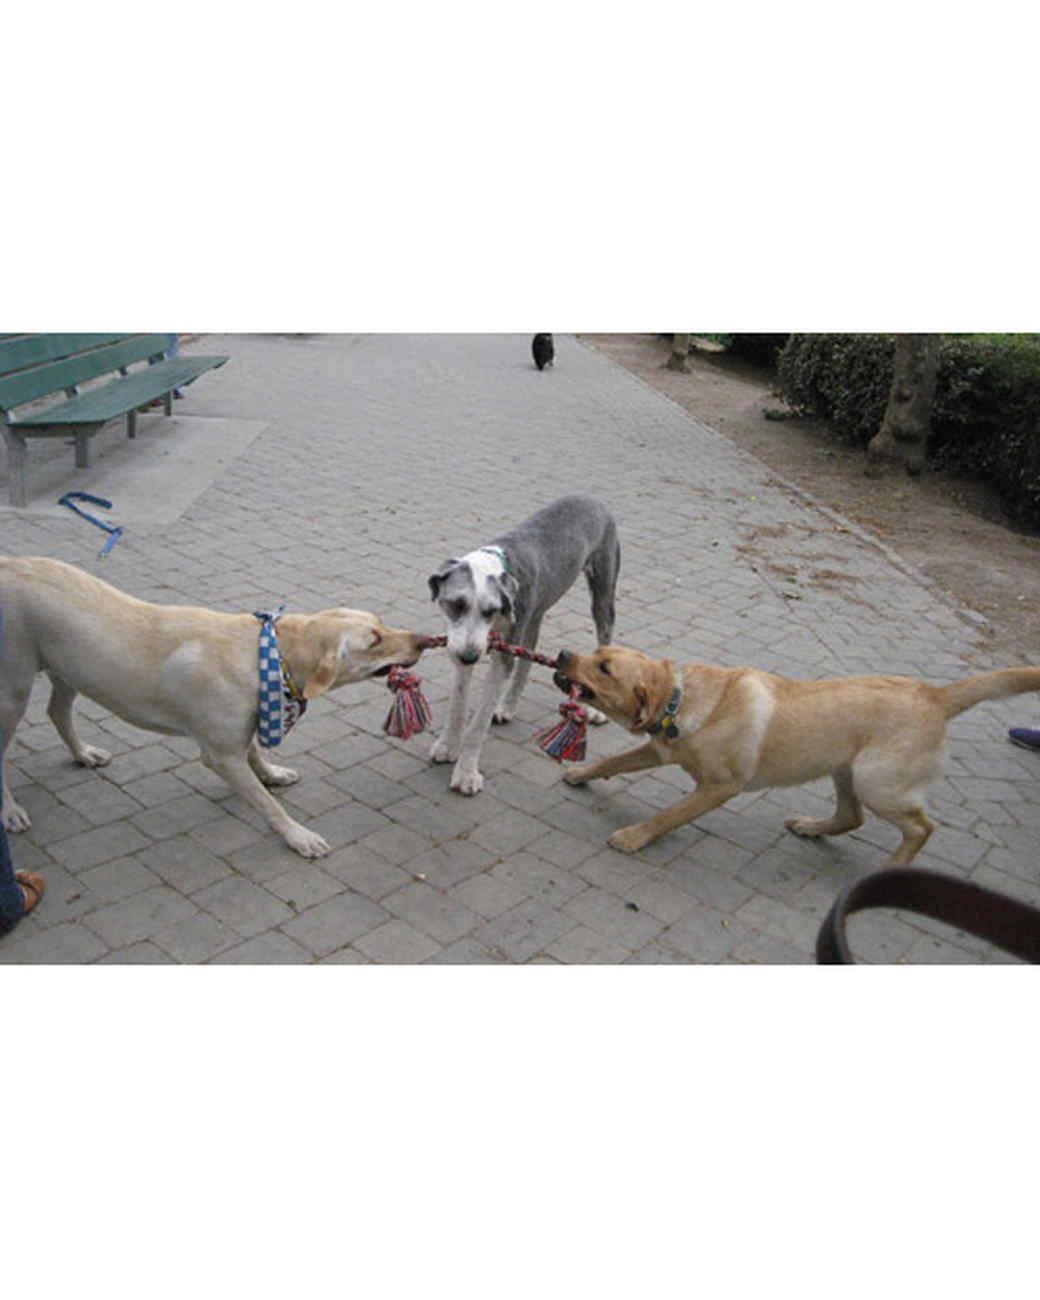 pets_at_play_6304643_11424139.jpg